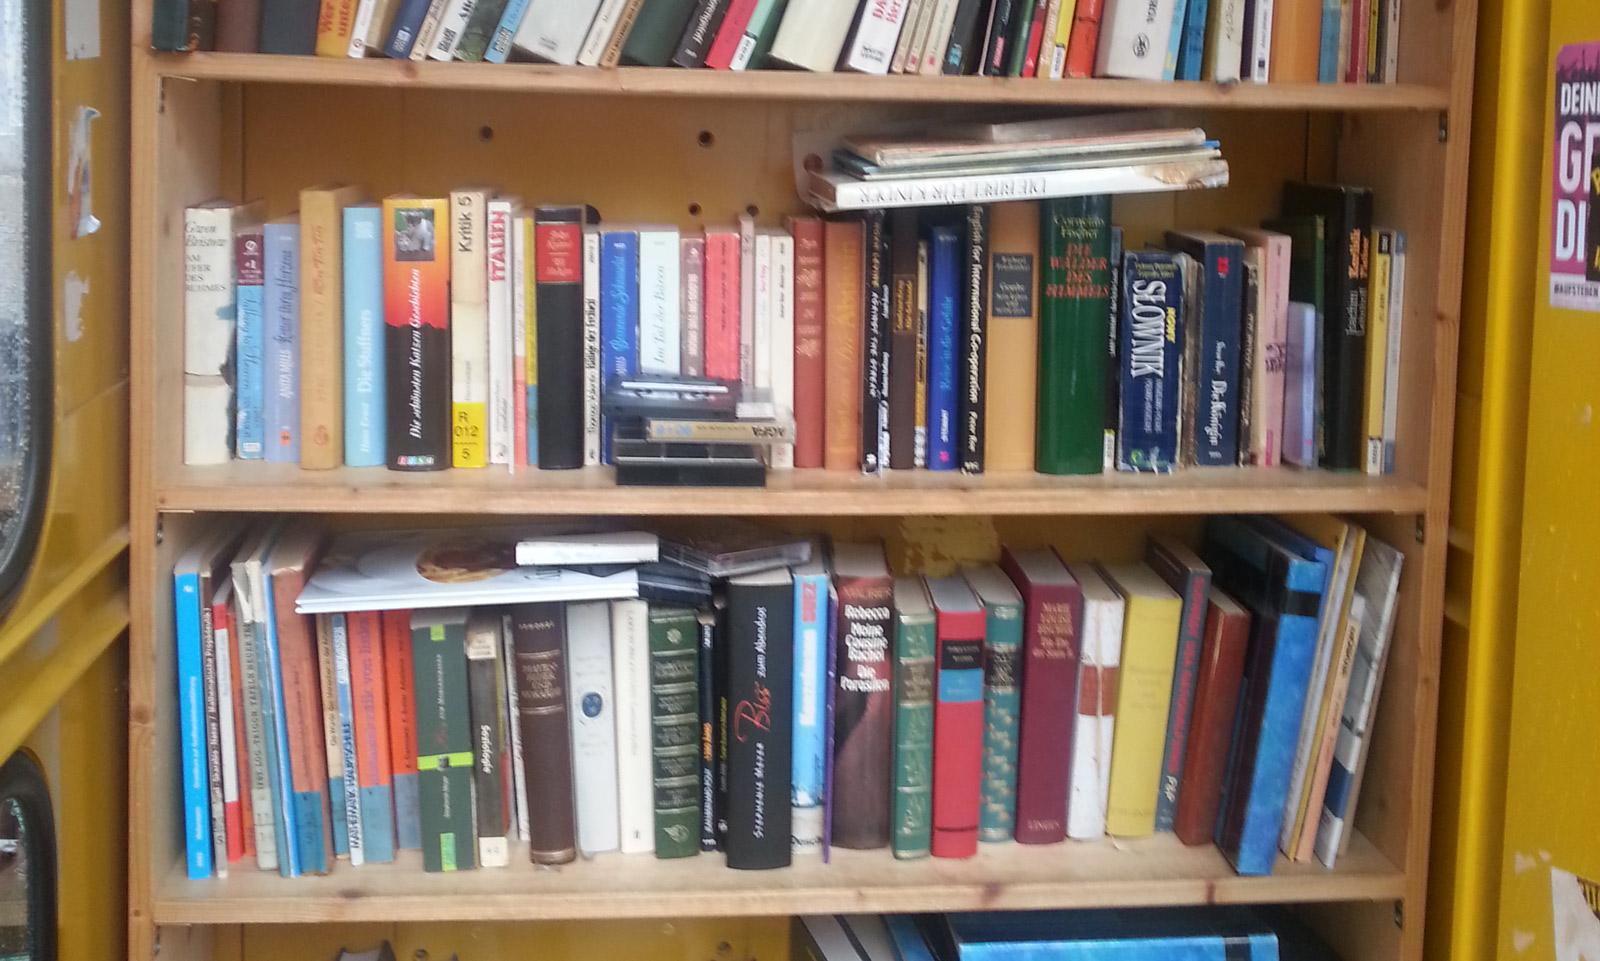 buecherzelle_seelingstrasse_public_book_case.jpg